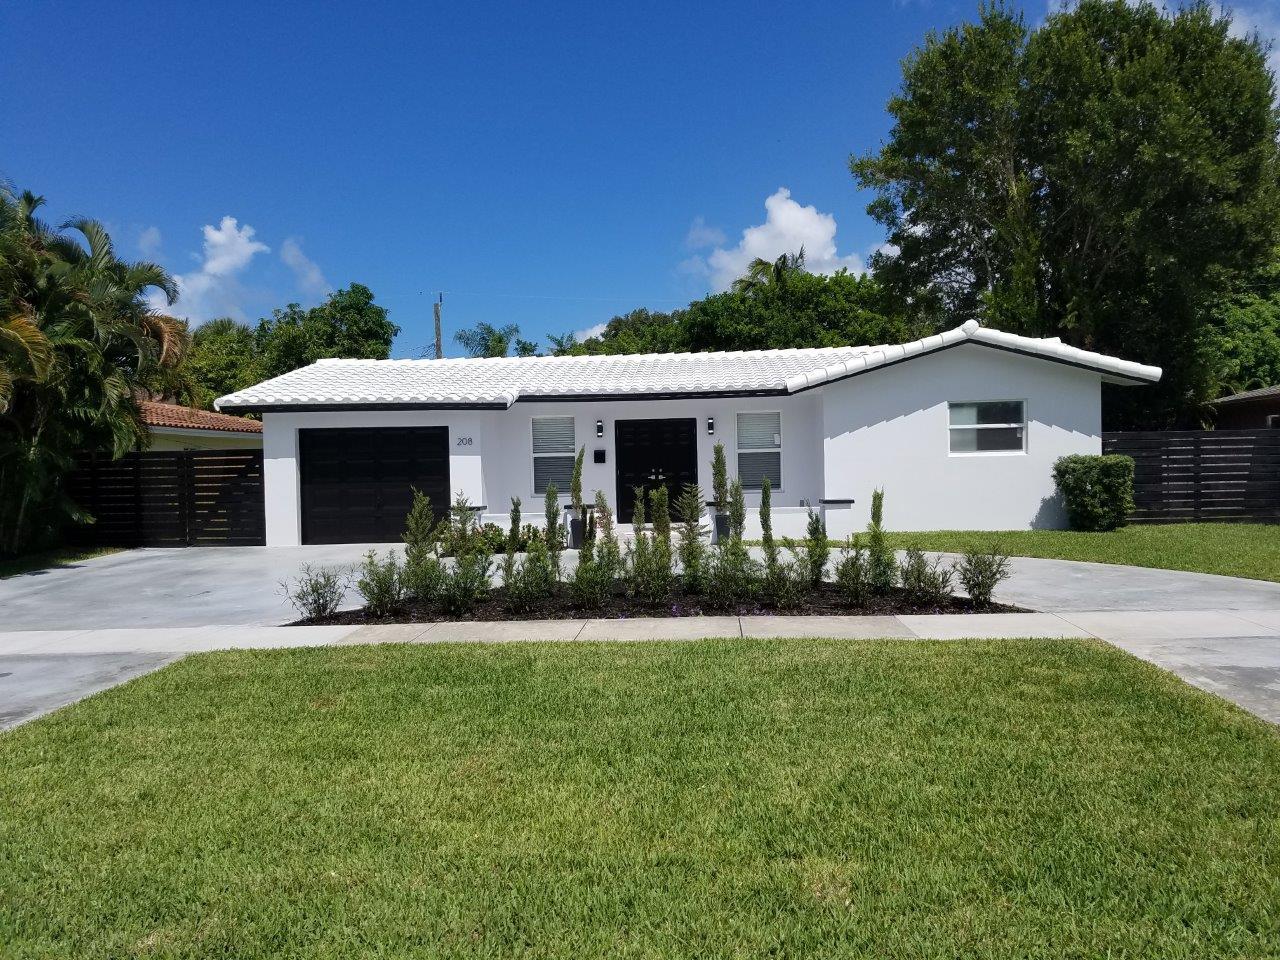 208 Sw 12th Avenue Boca Raton, FL 33486